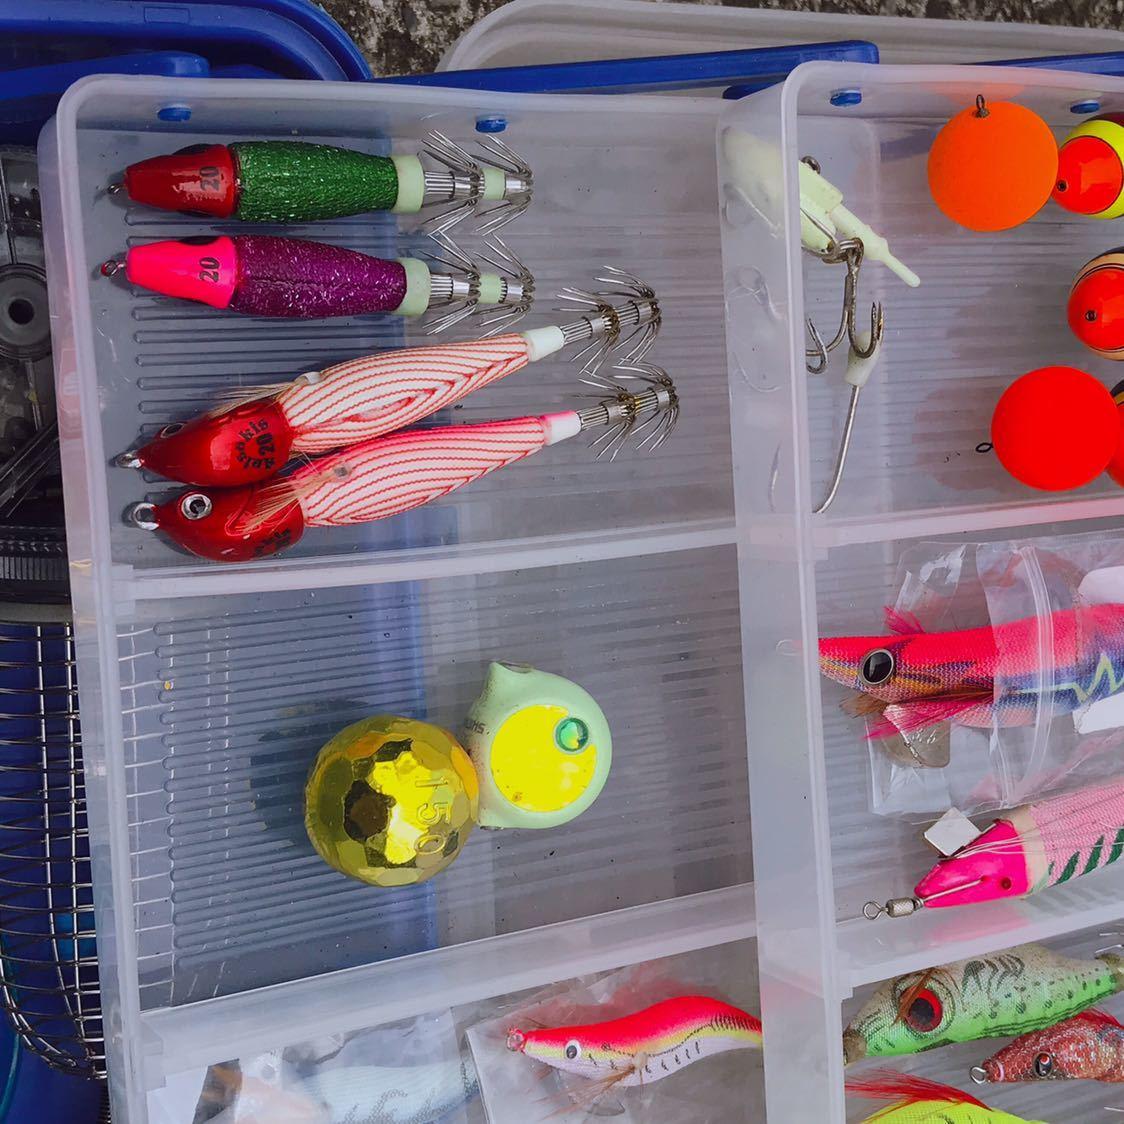 1円 海釣り 仕掛け いろいろ セット 鉛スッテ タコエギ ハリスなど 画像参照_画像7